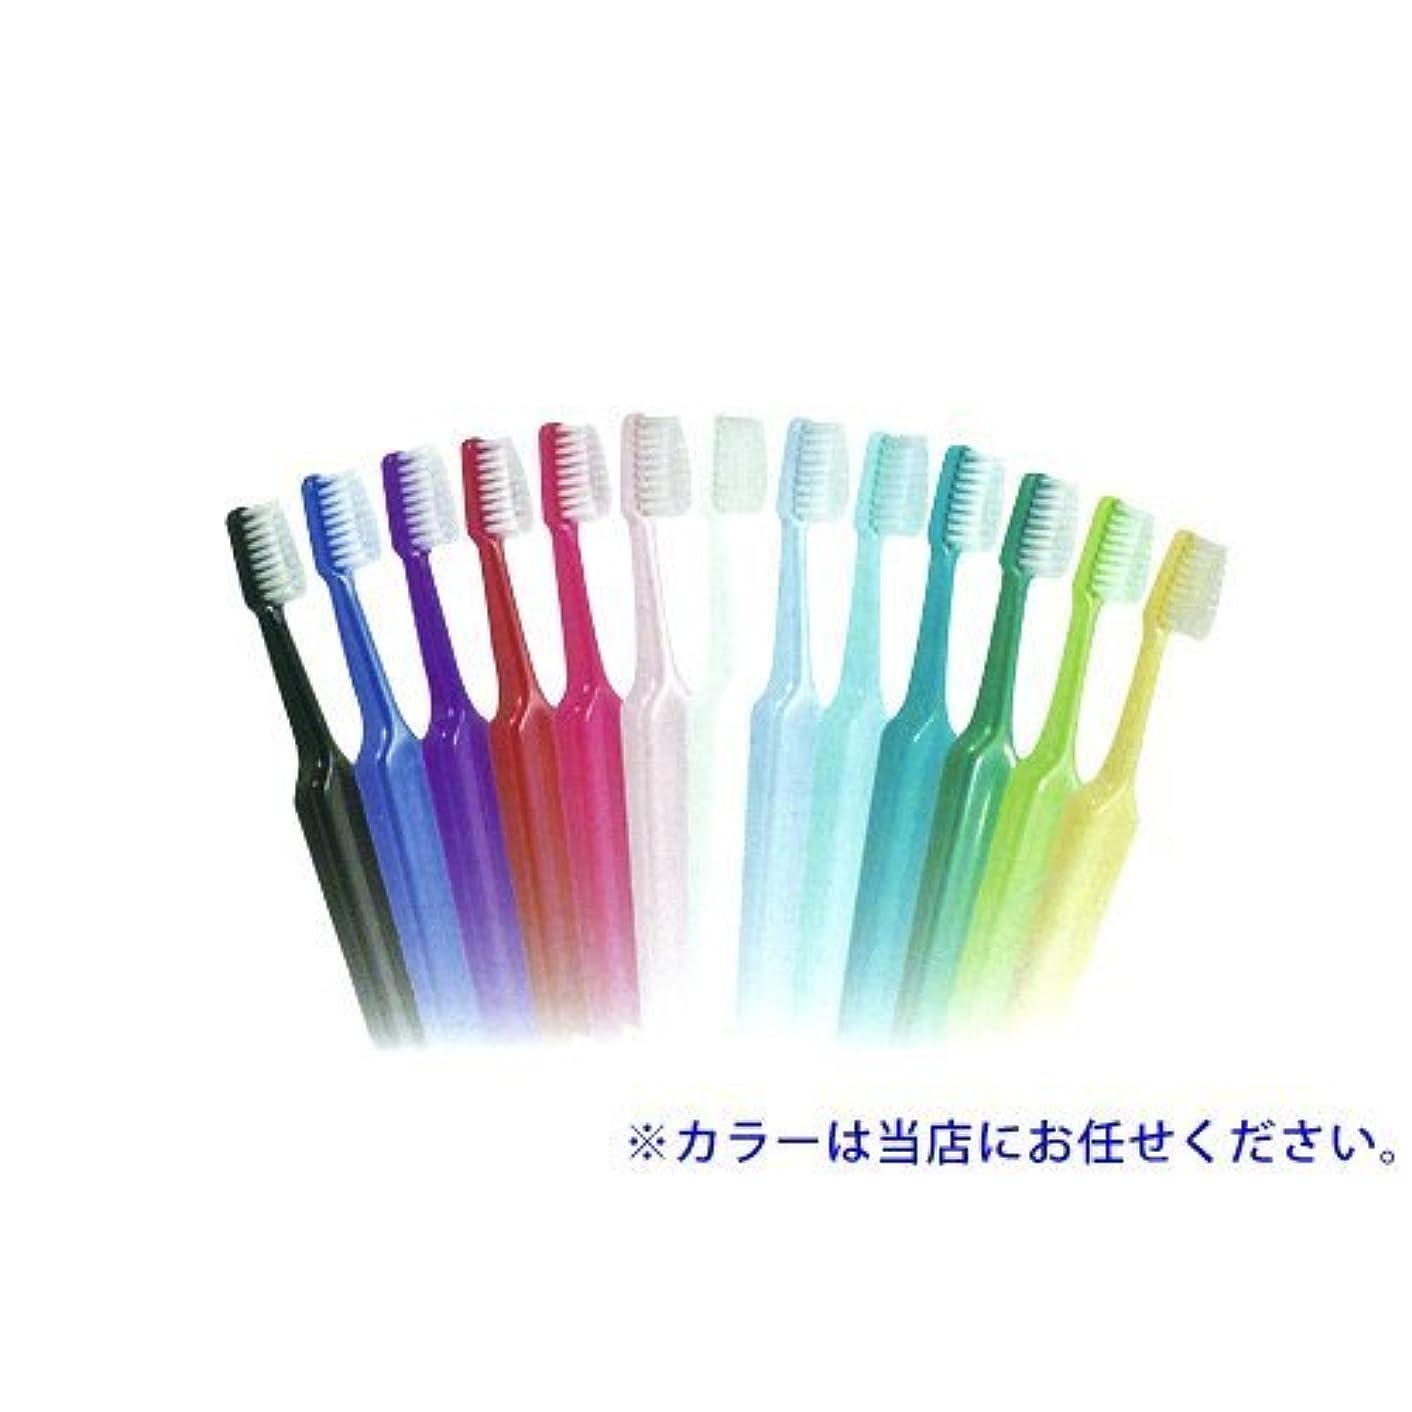 取り付け挨拶唯一クロスフィールド TePe テペ セレクト 歯ブラシ 1本 エクストラソフト